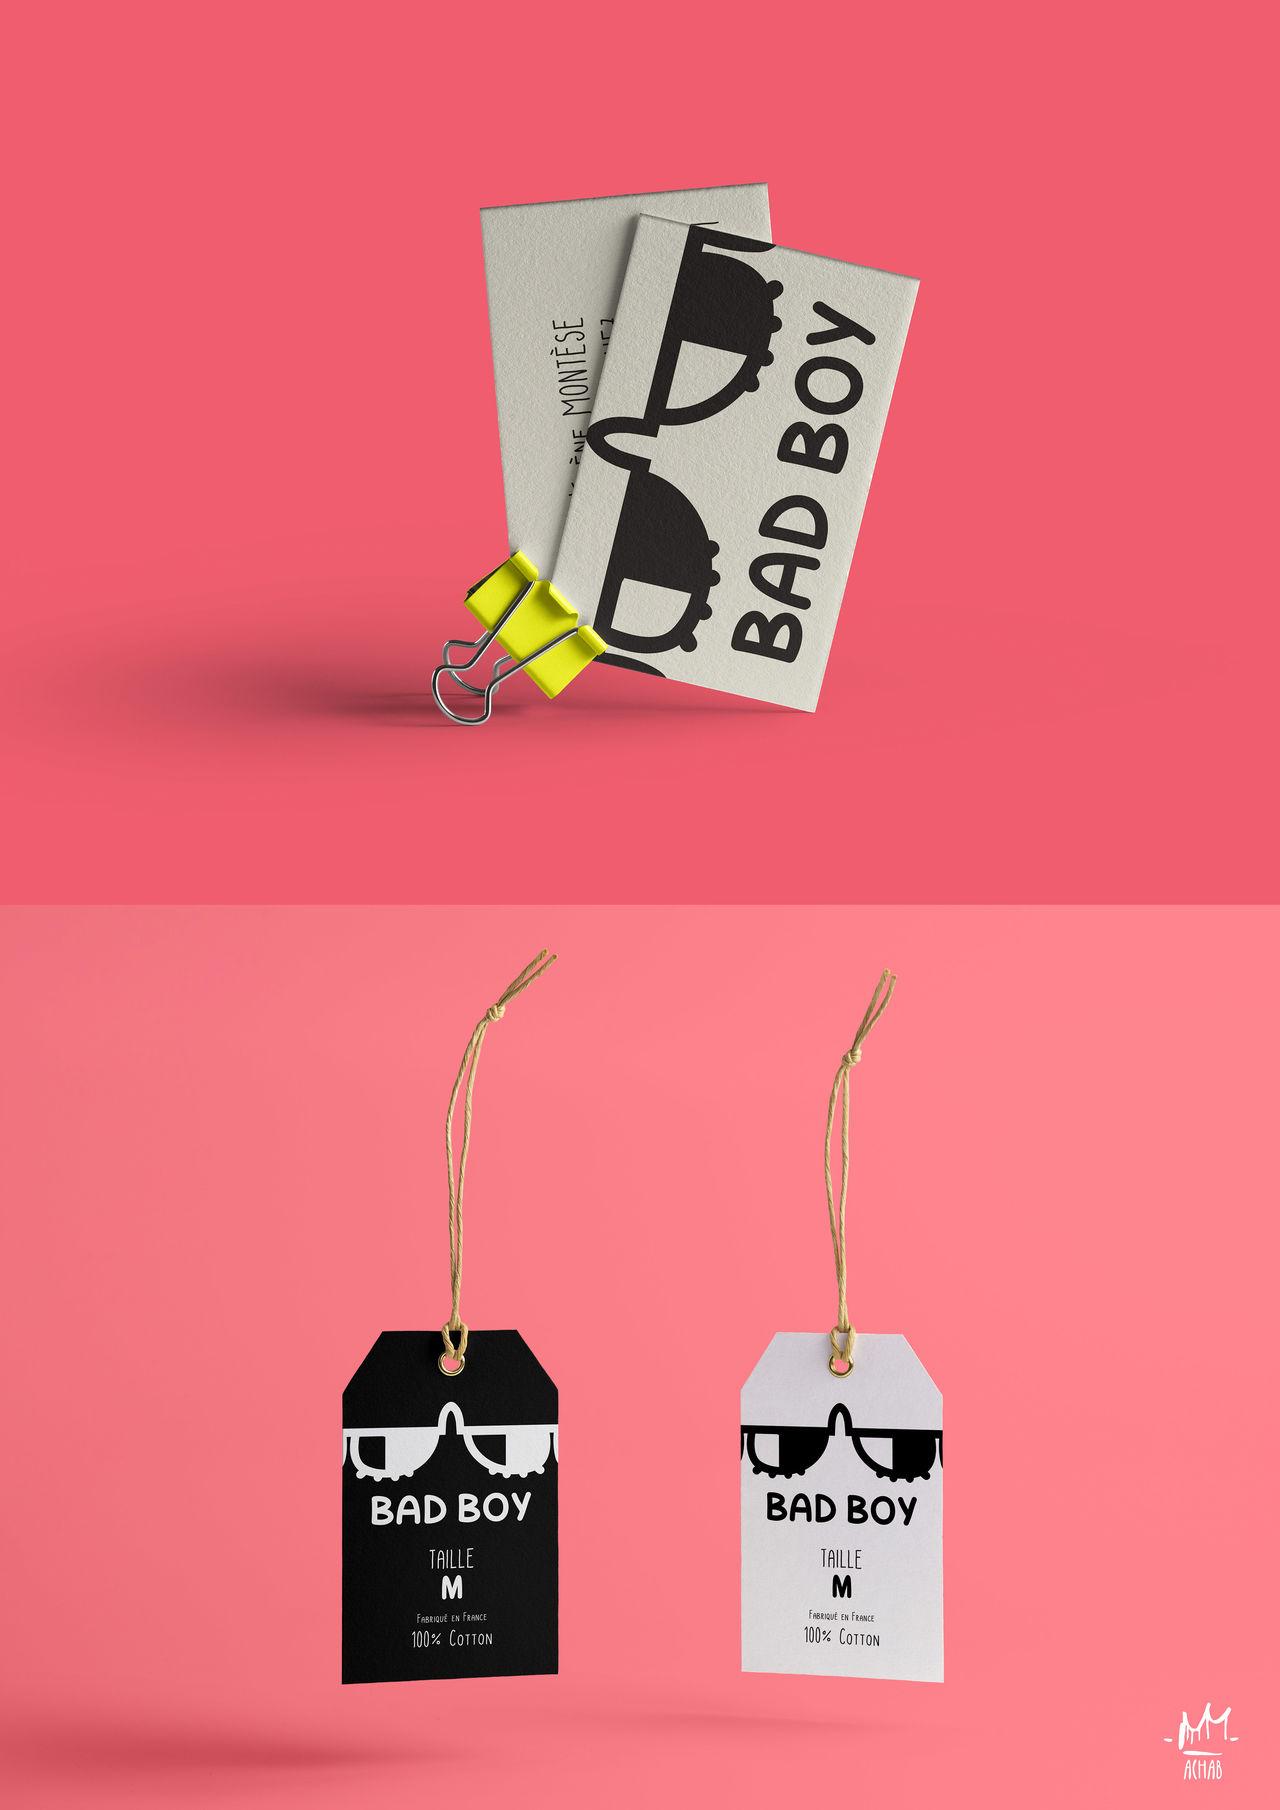 Bad boy1